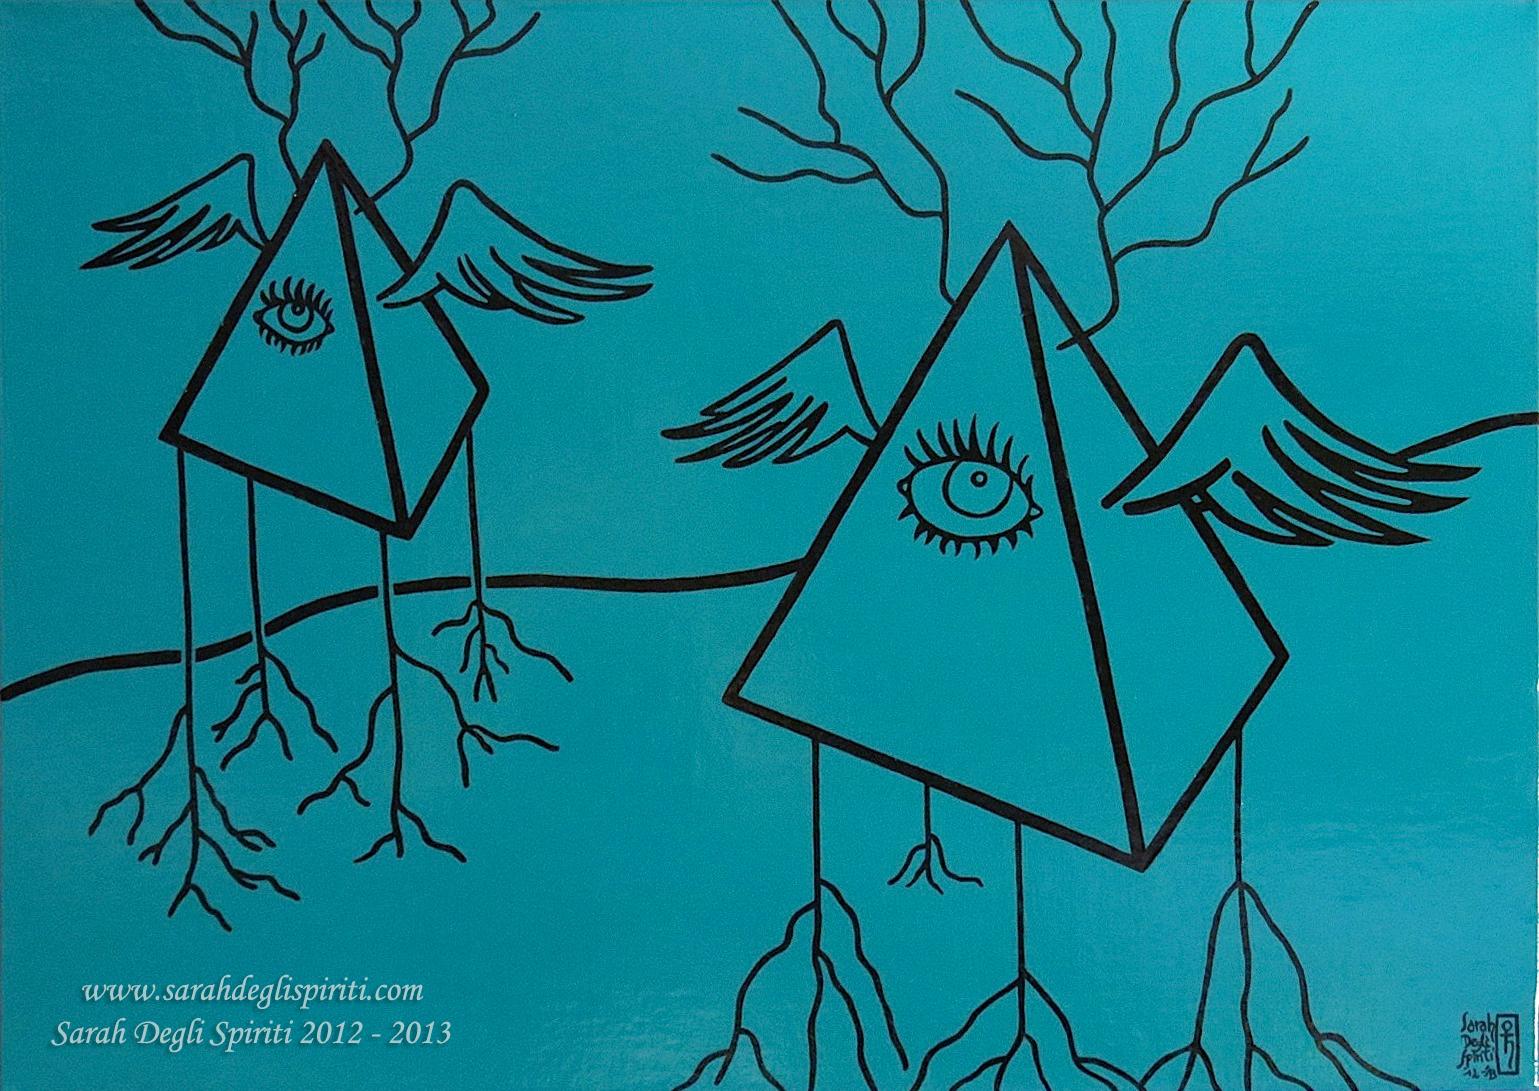 Le mie piramidi volanti mettono radici